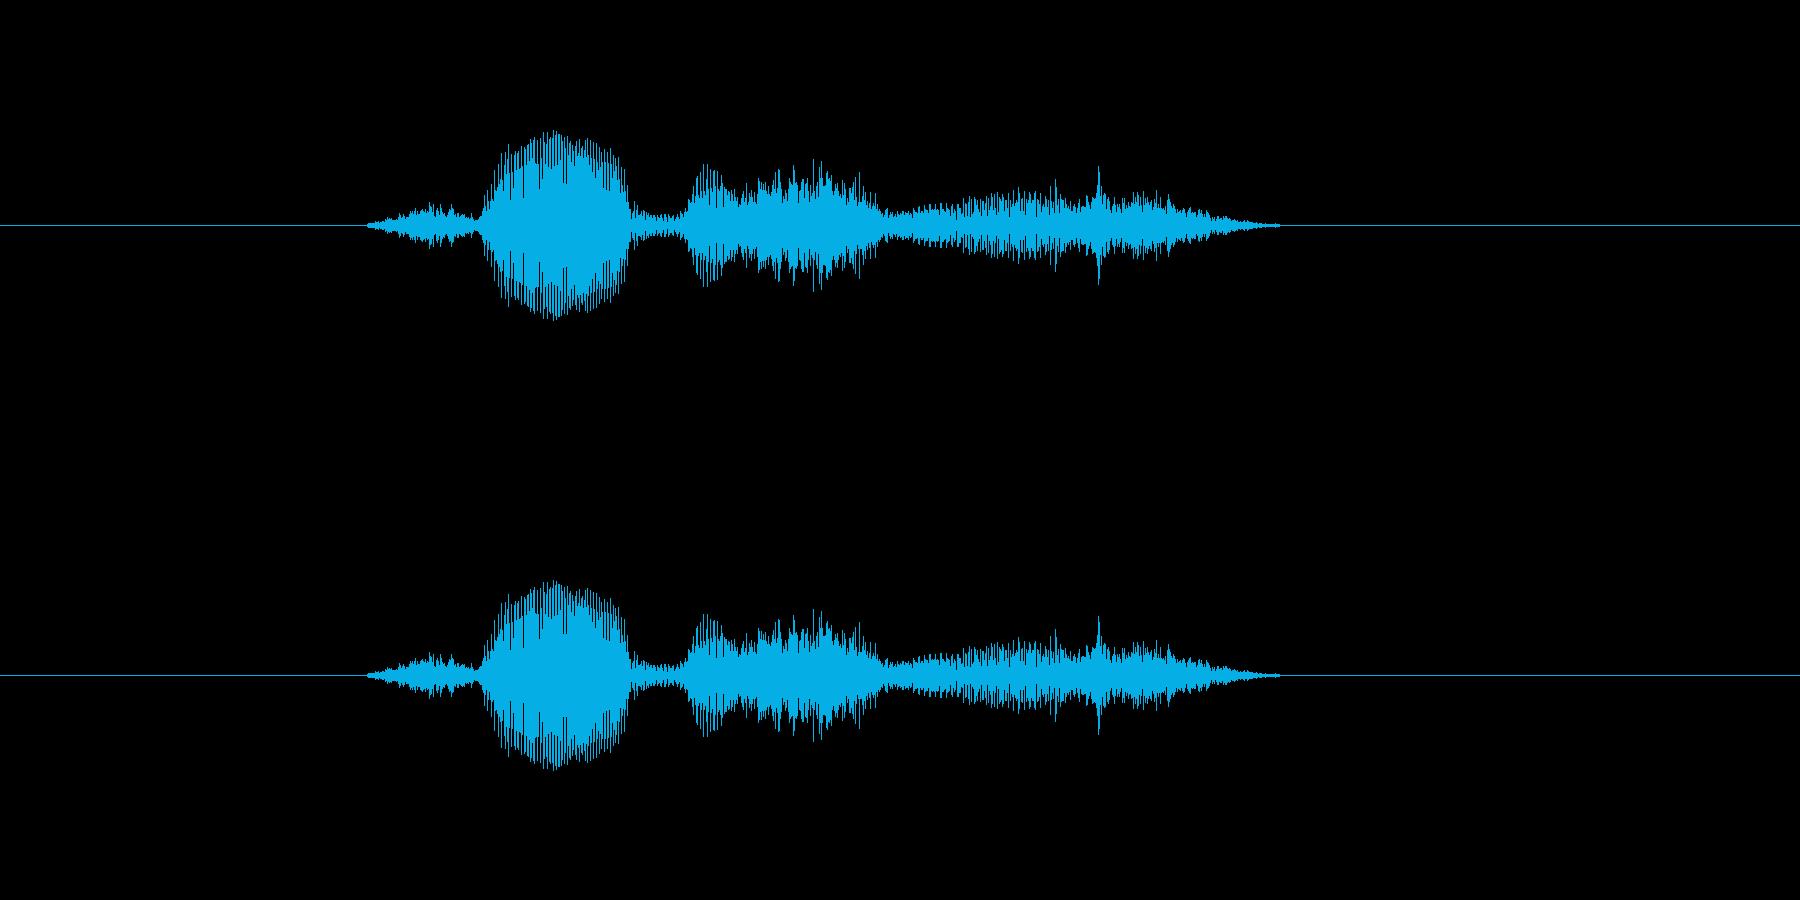 【システム】セーブします - 1の再生済みの波形